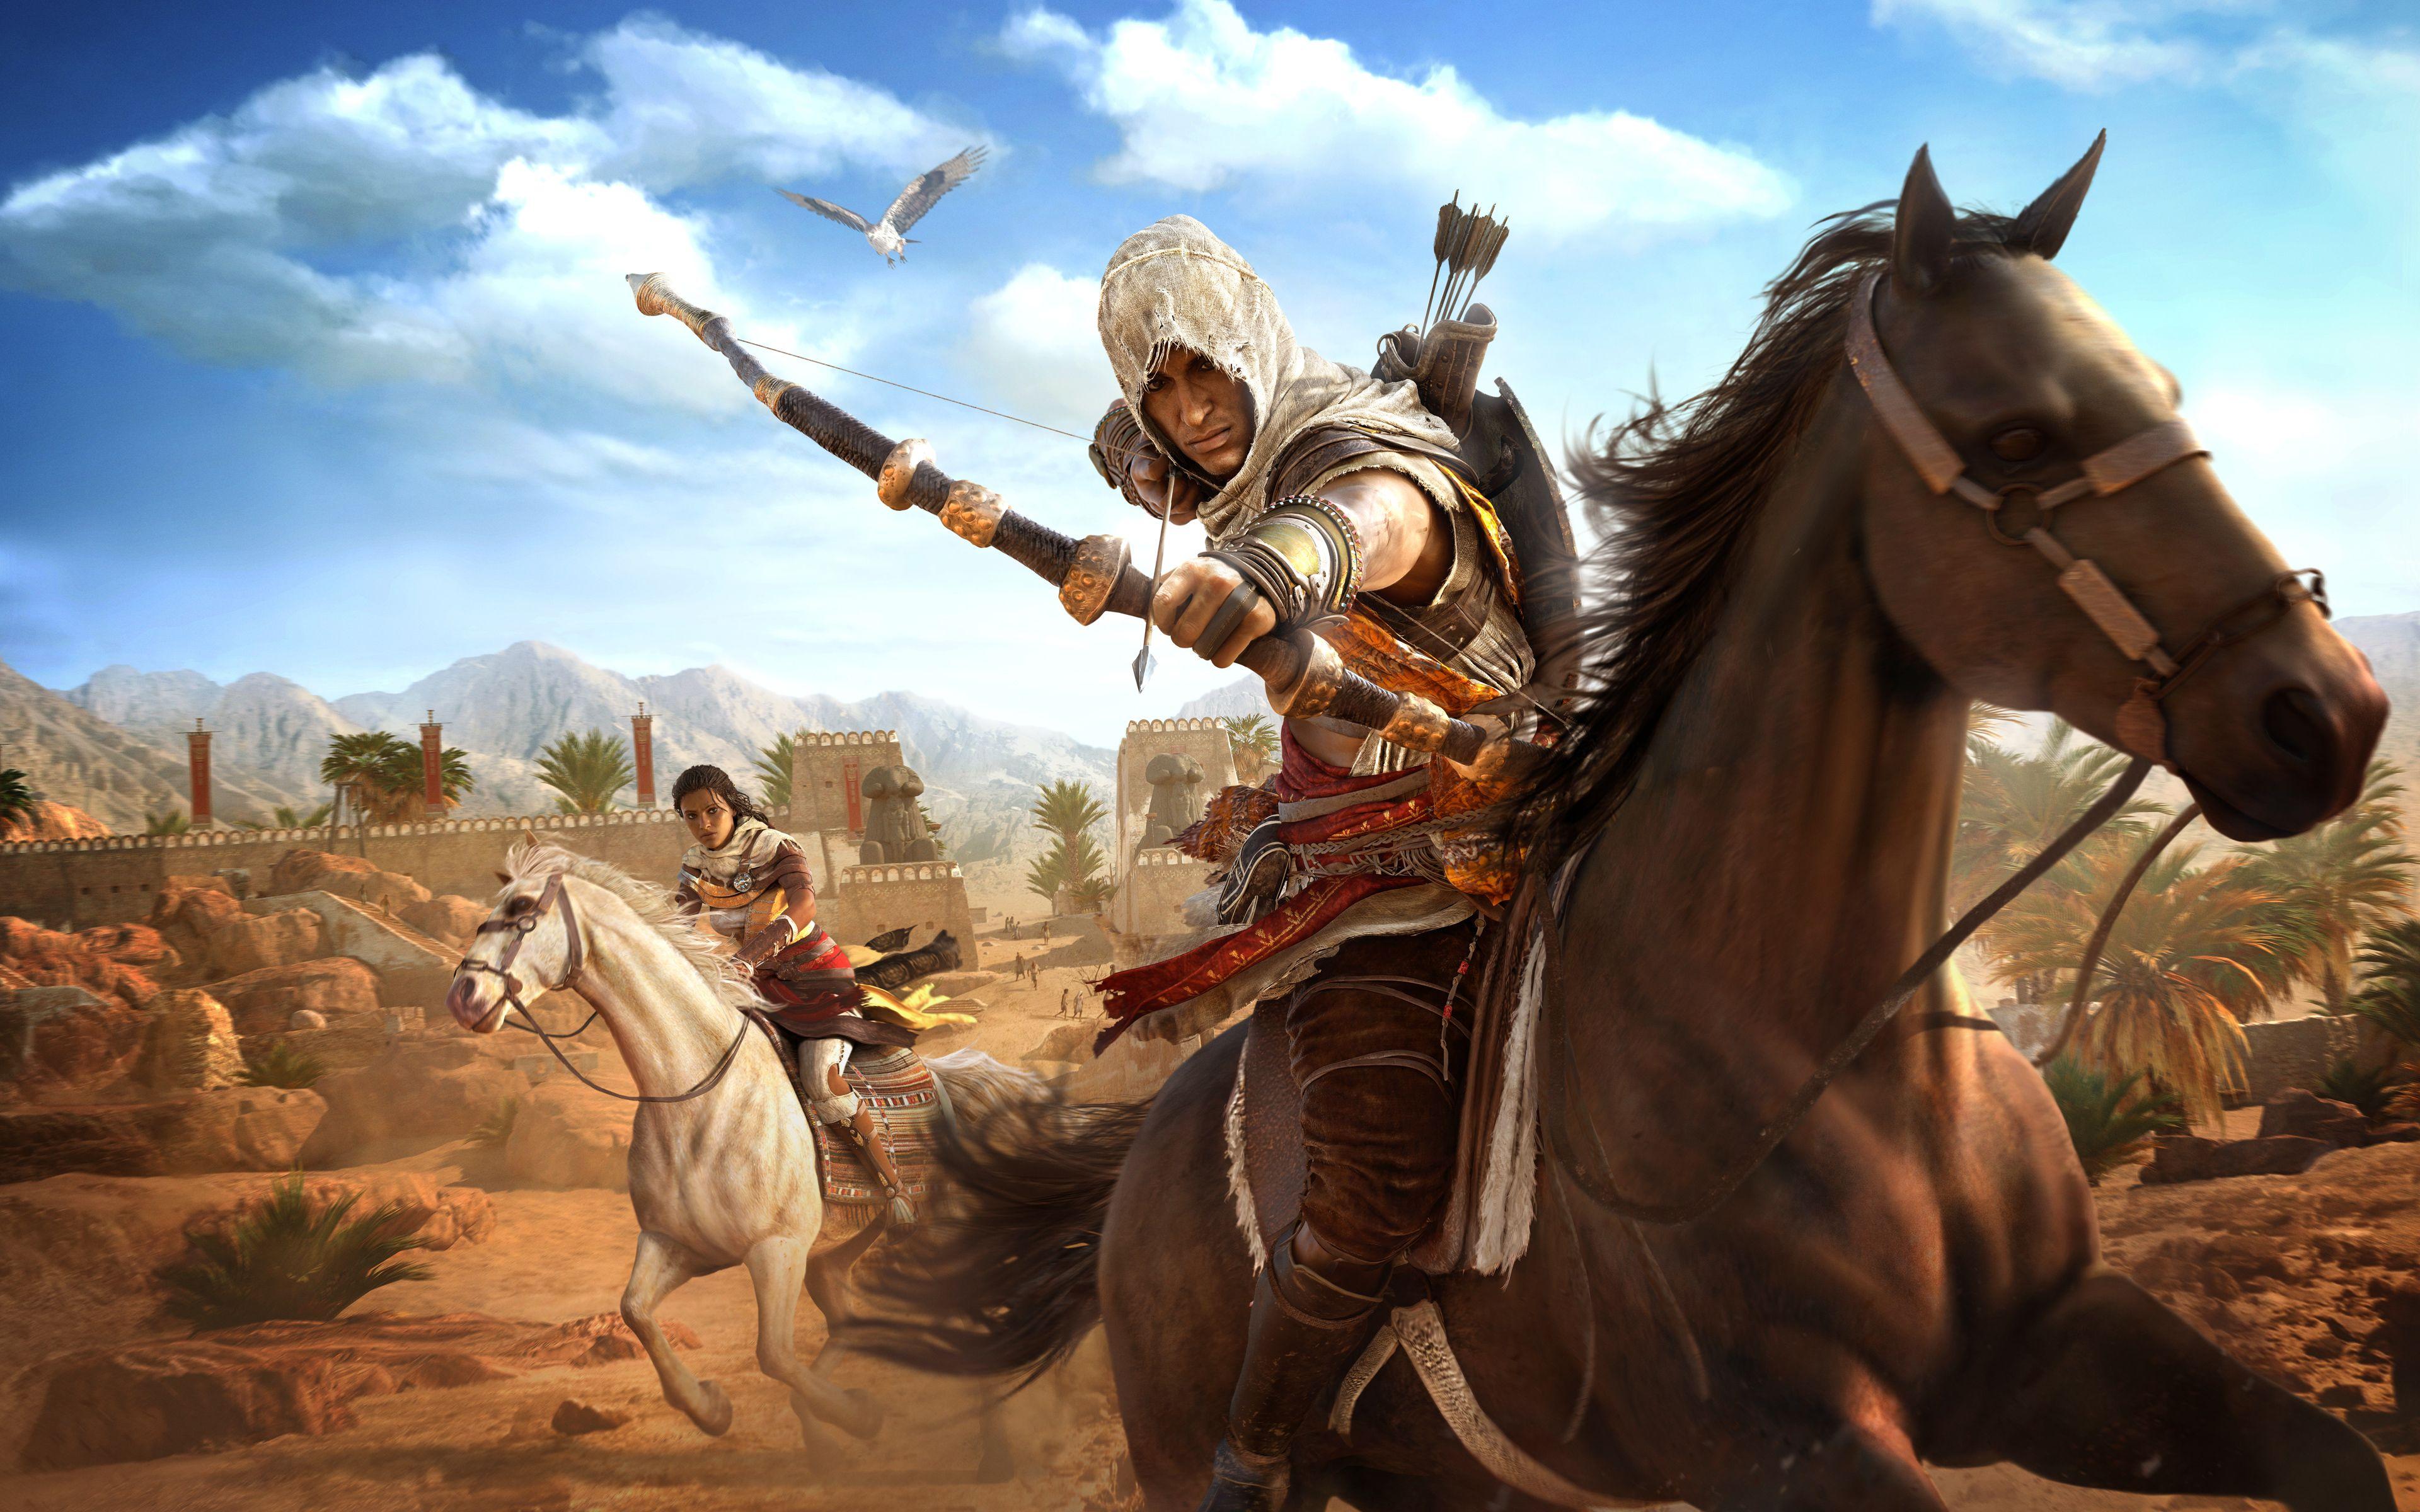 Assassins Creed Origins 4k 8k Game Wide Jpg 3840 2400 Assassin Assassins Creed Fond Ecran